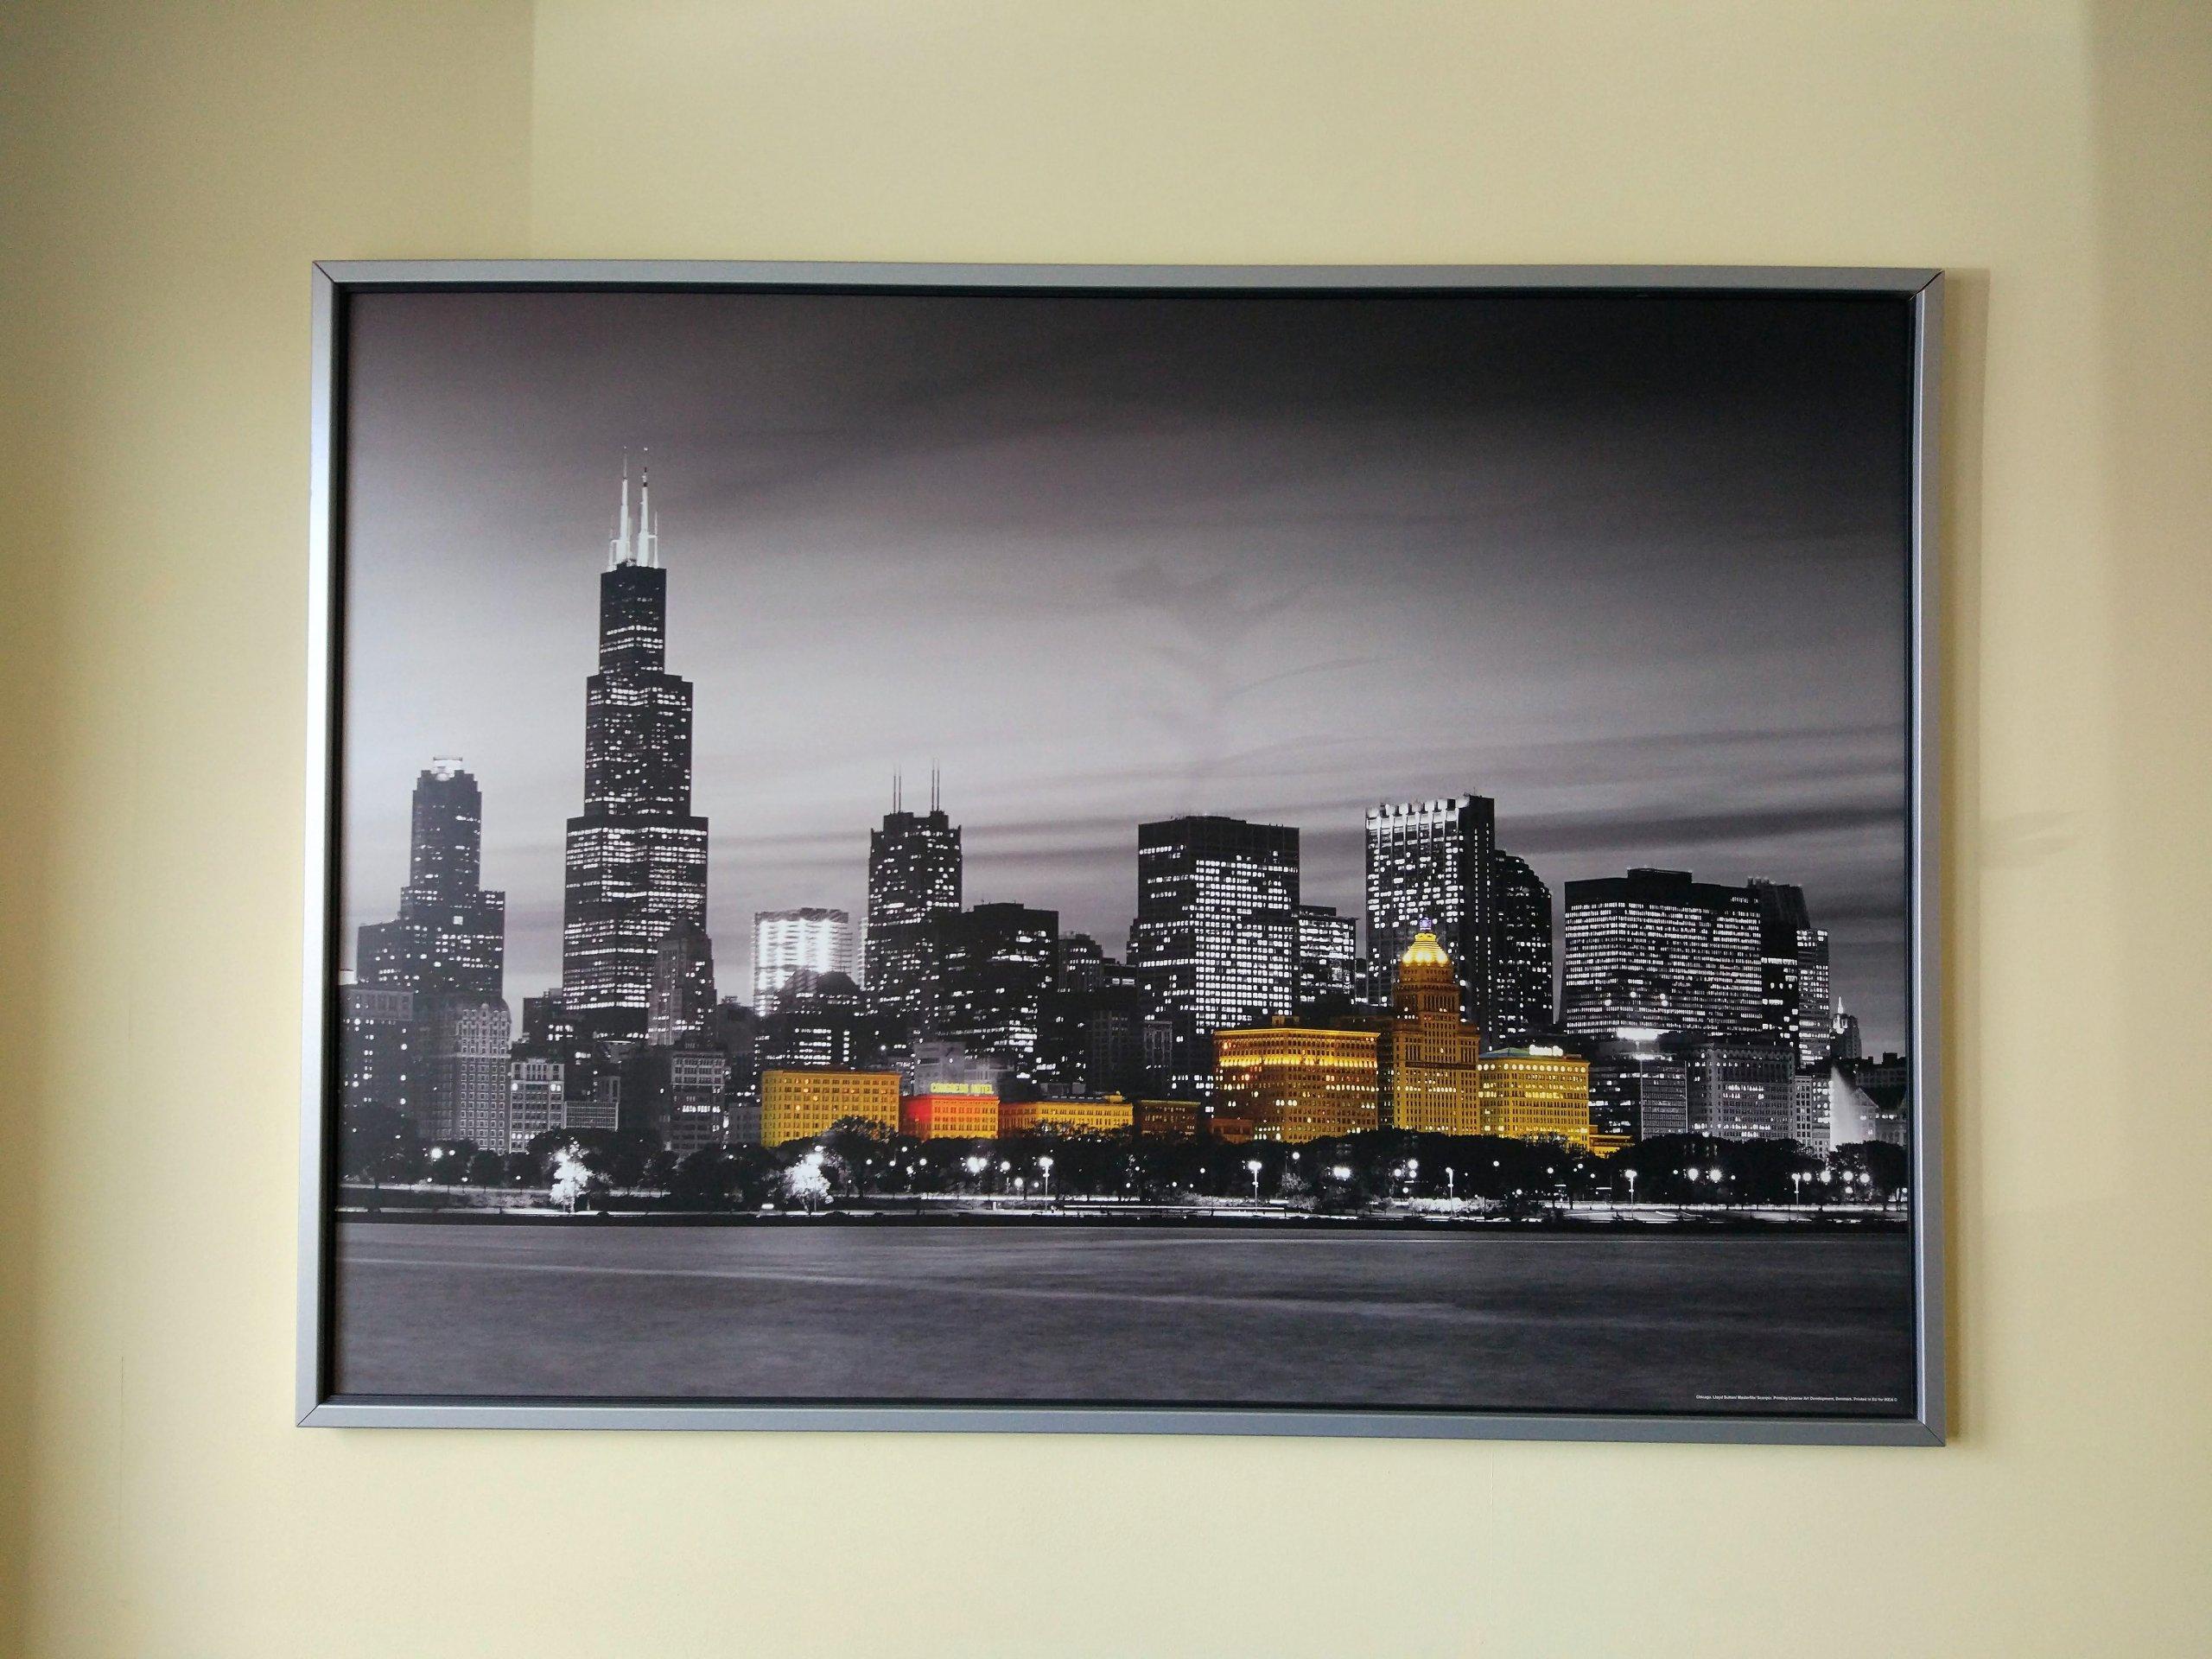 Obraz Ikea Chicago Stan Bdb Odbiór Kraków 7231067696